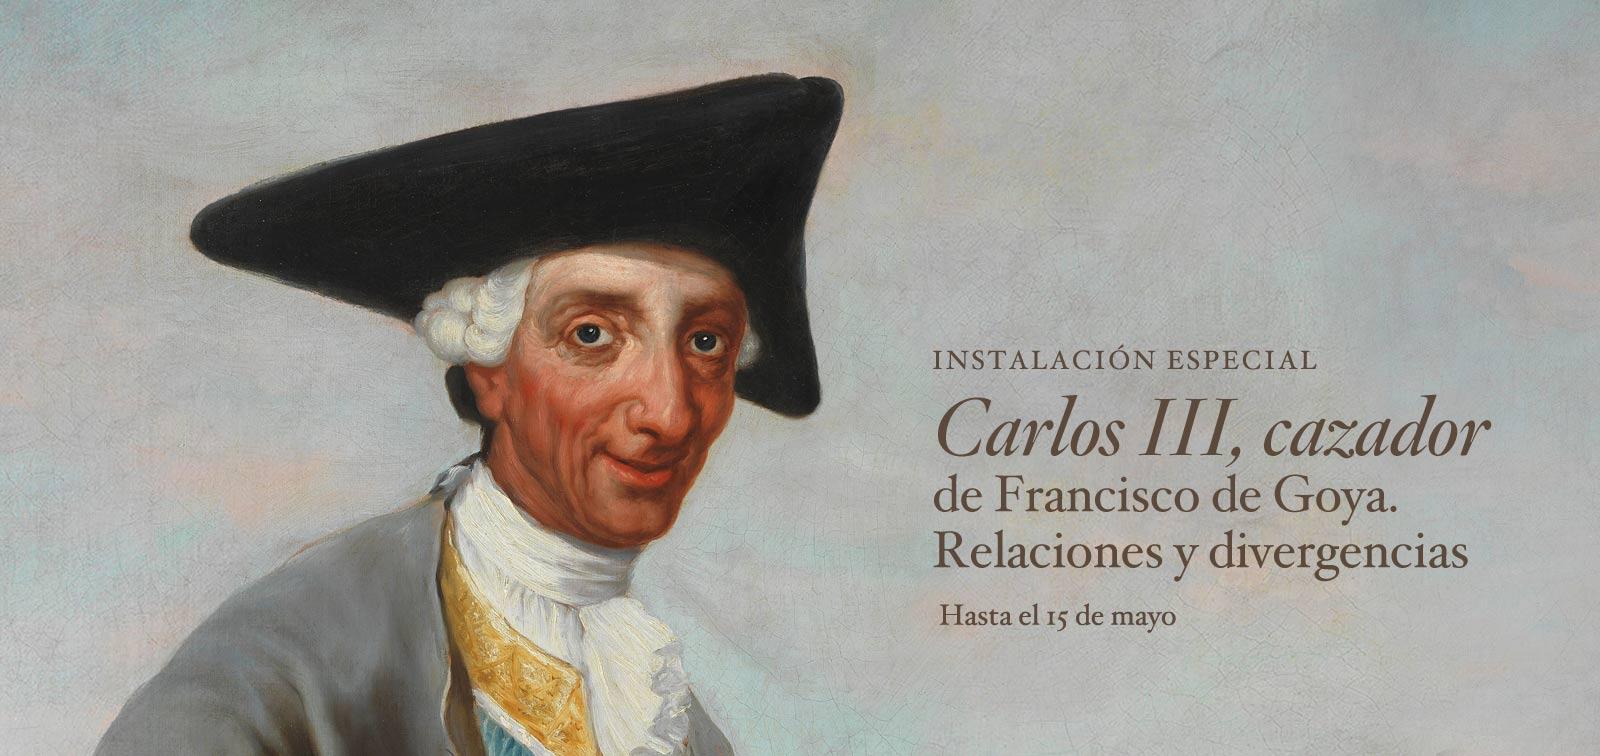 Instalación especial. Carlos III, cazador de Francisco de Goya. Relaciones y divergencias